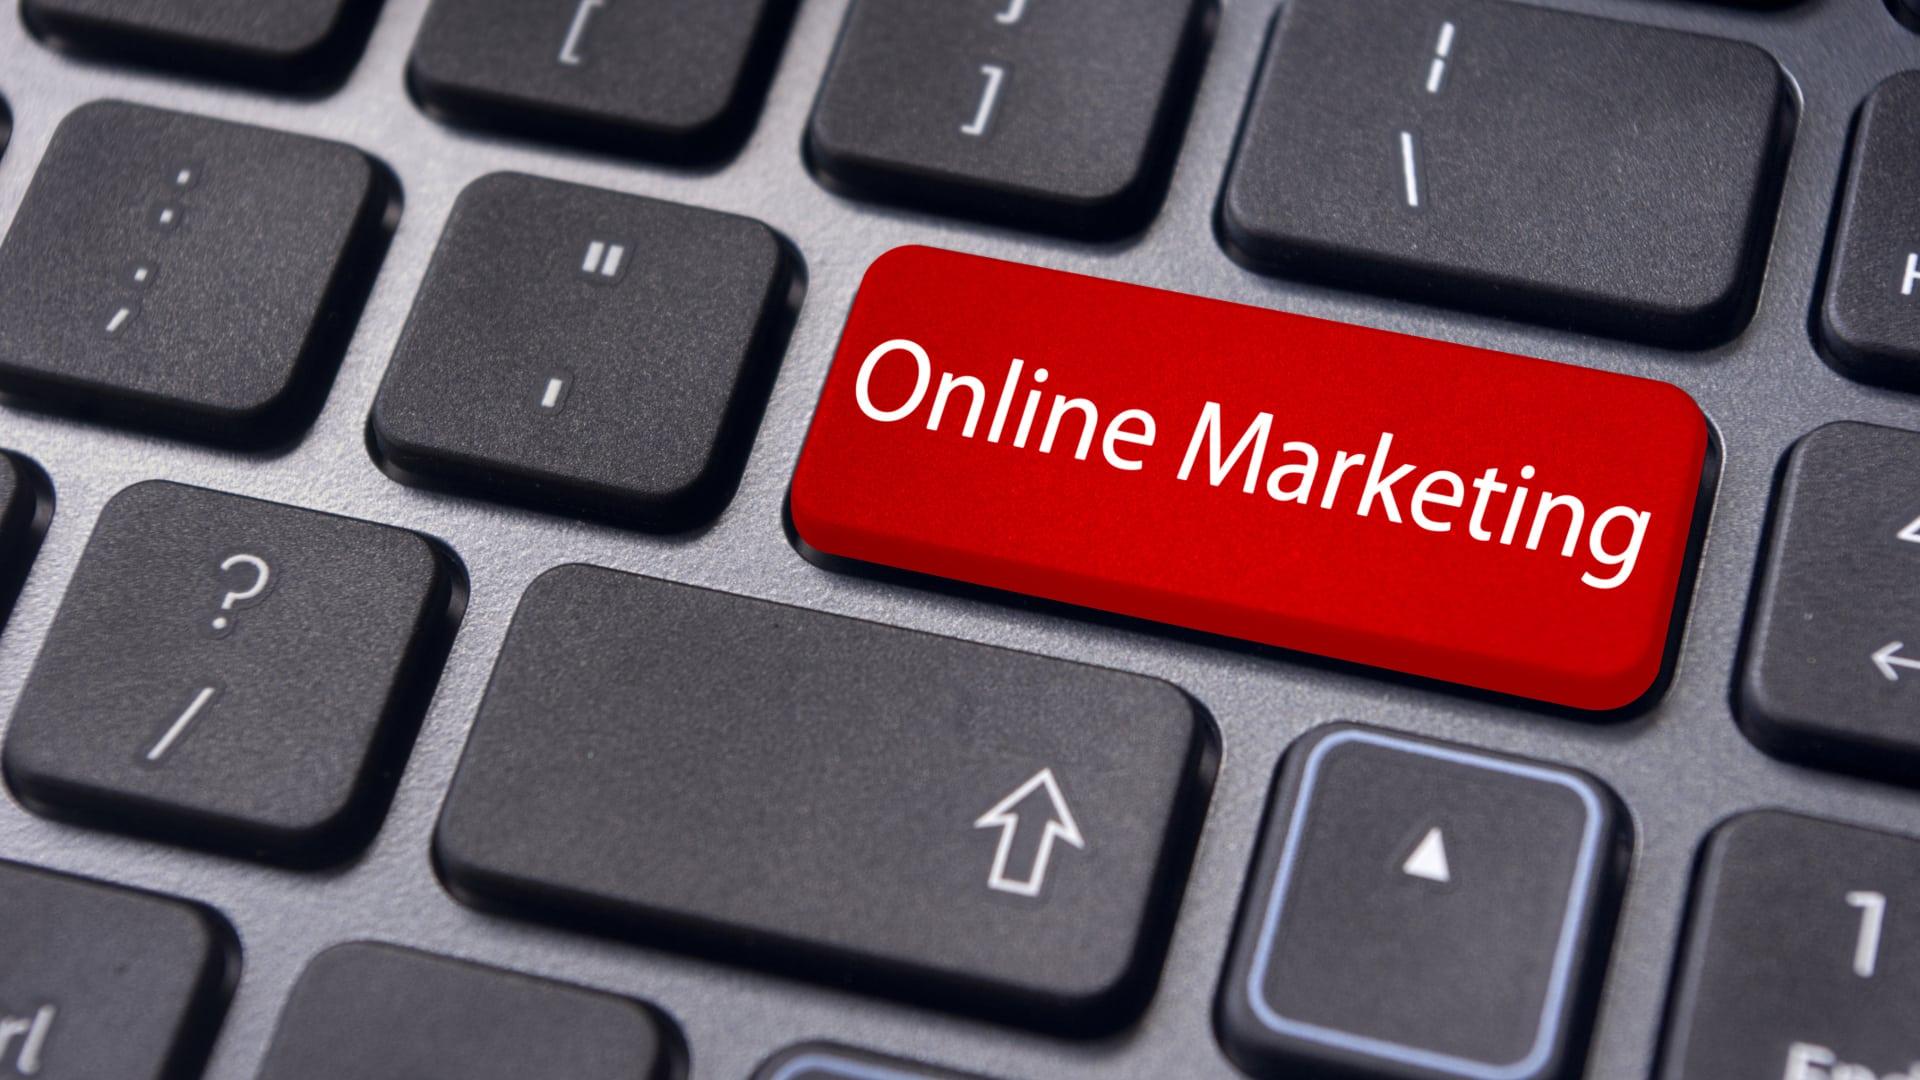 Comment faire du marketing sur Internet?